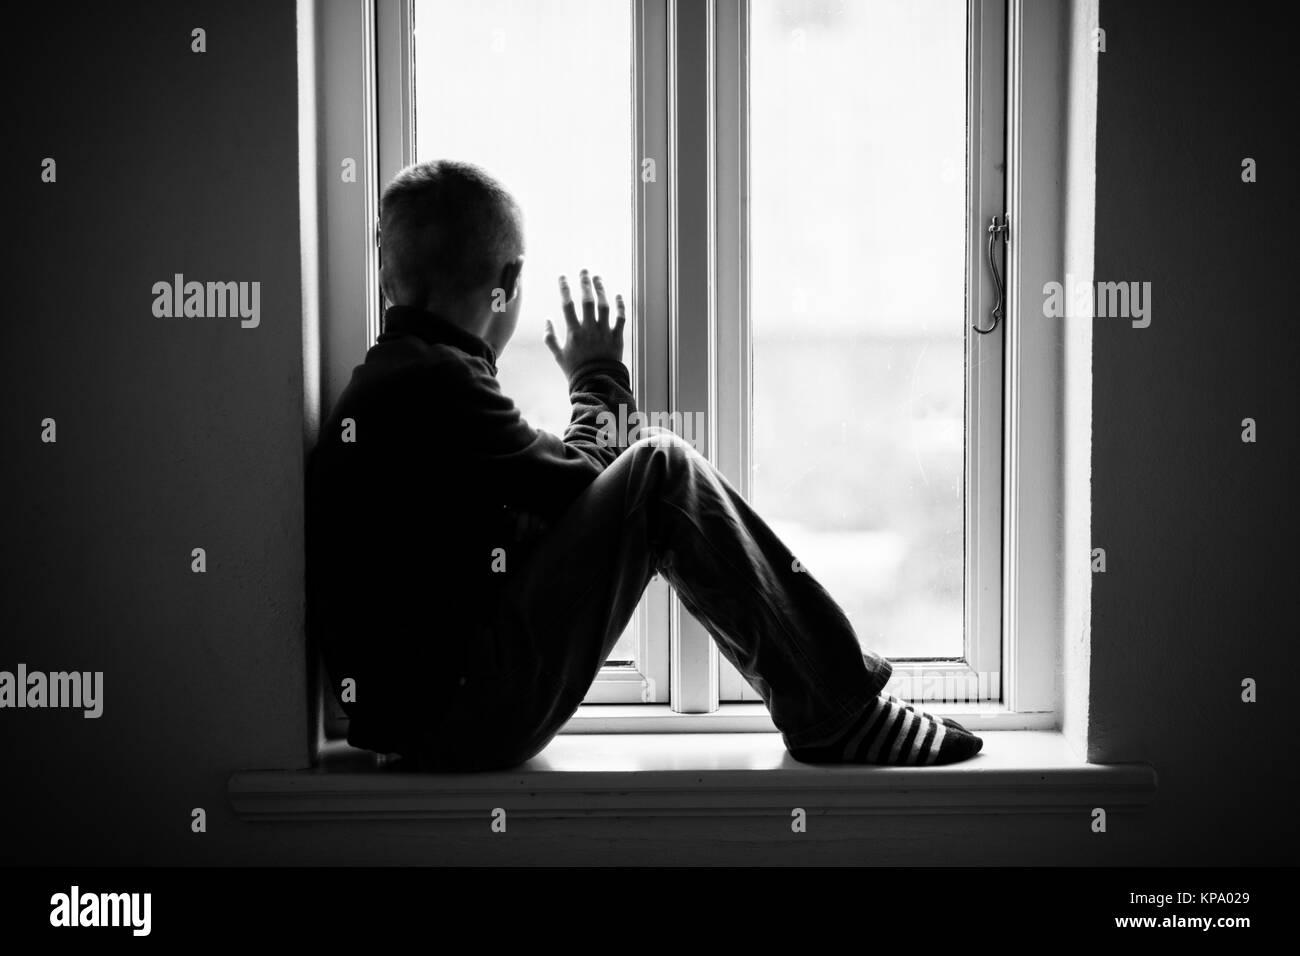 Muchacho sentado sobre el alféizar mientras buscaba fuera Imagen De Stock